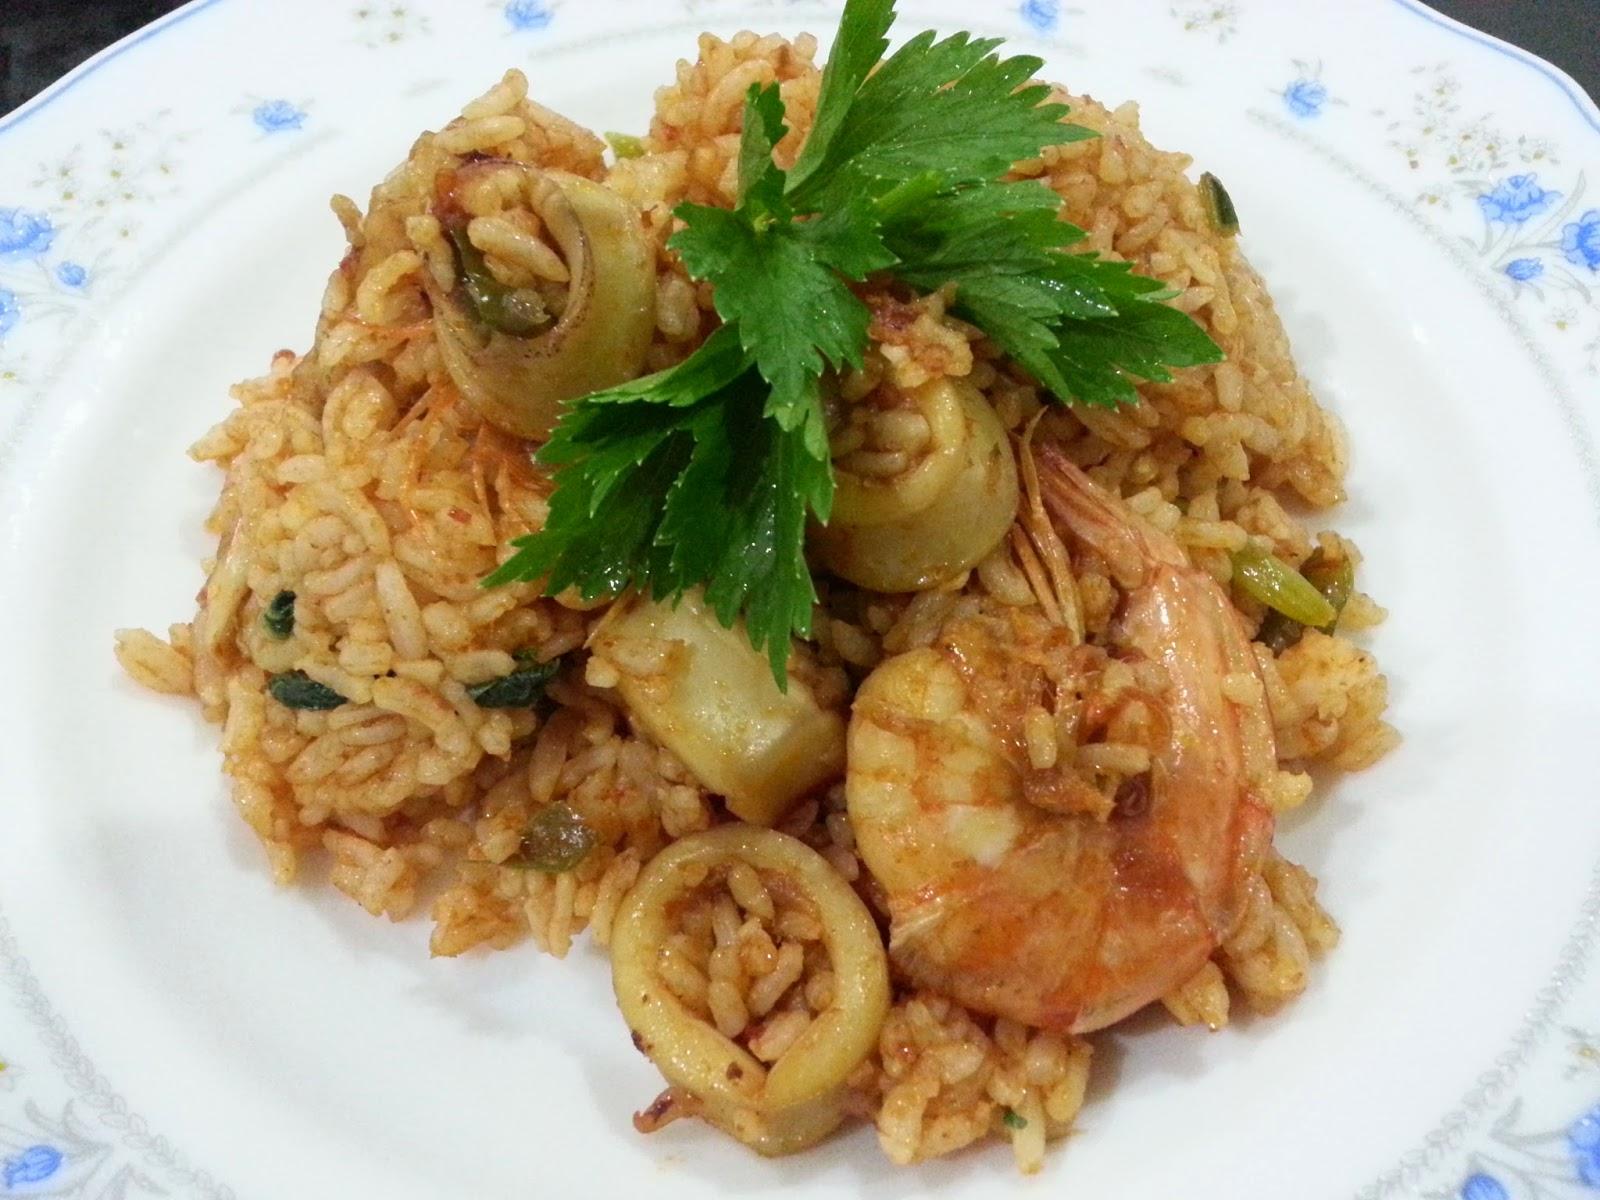 NUR QASEH: Nasi Goreng Seafood